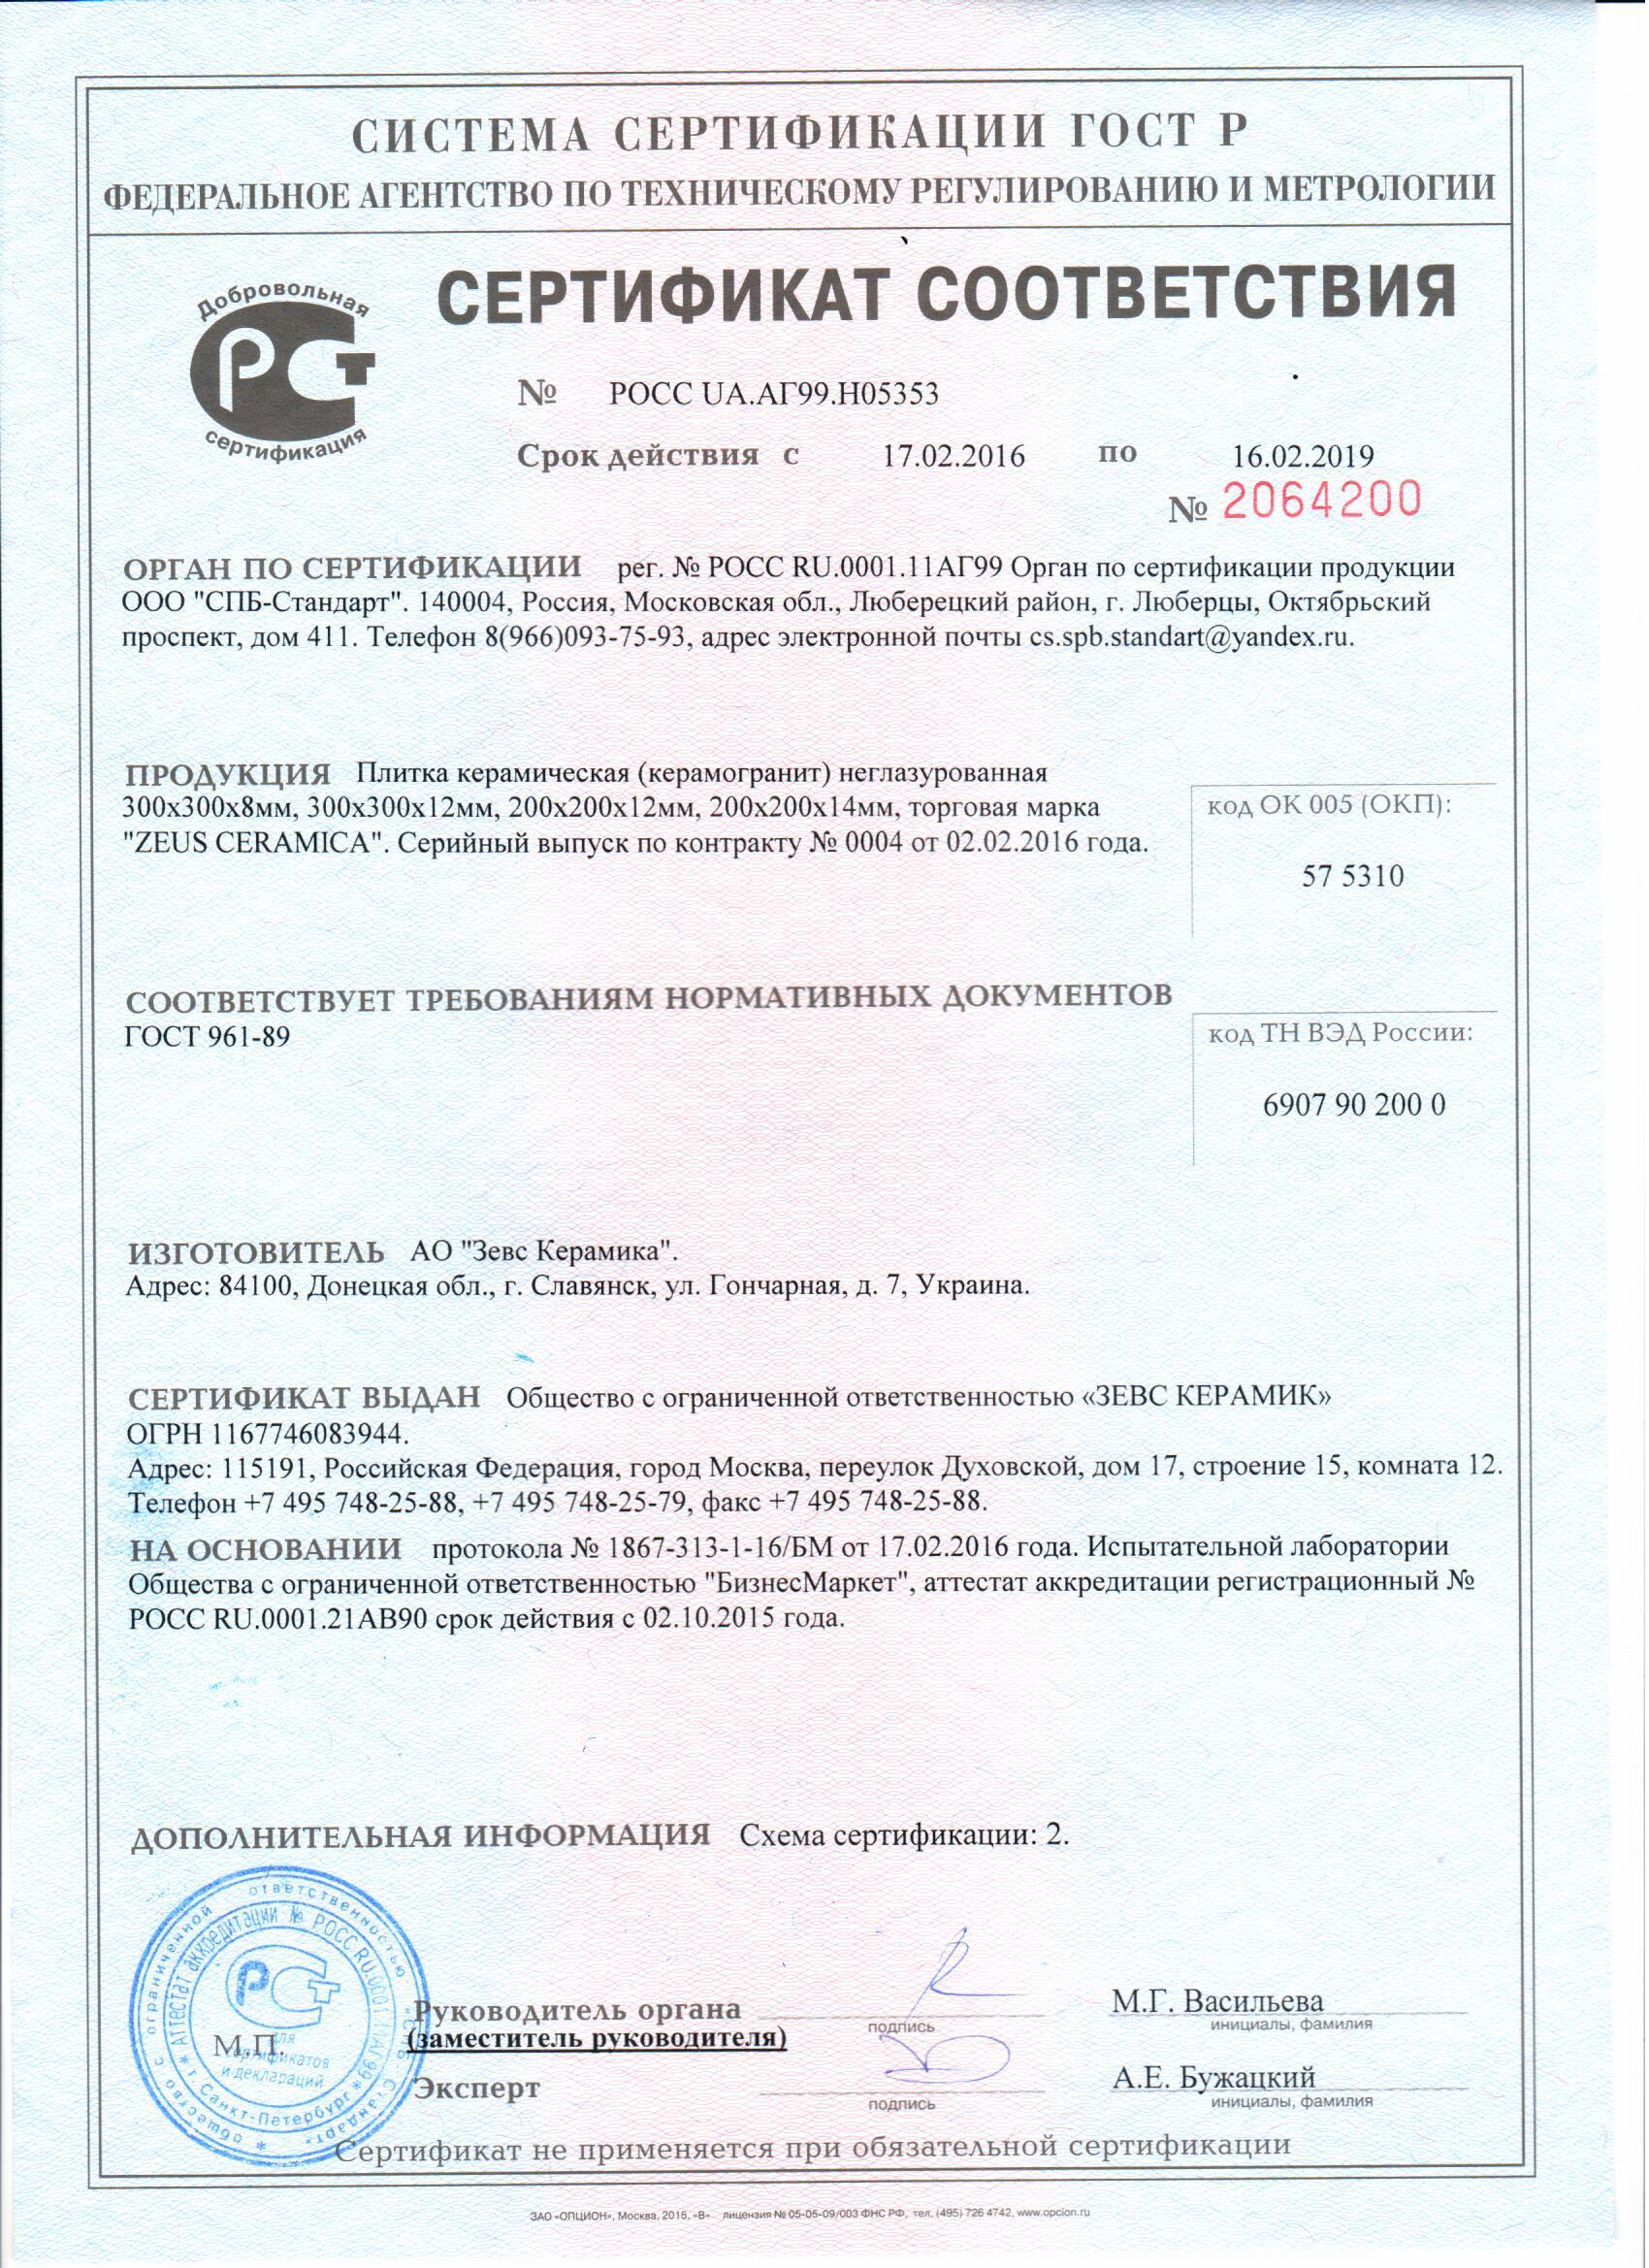 Сертификат_кислотостойкость_17.02.2016.jpg